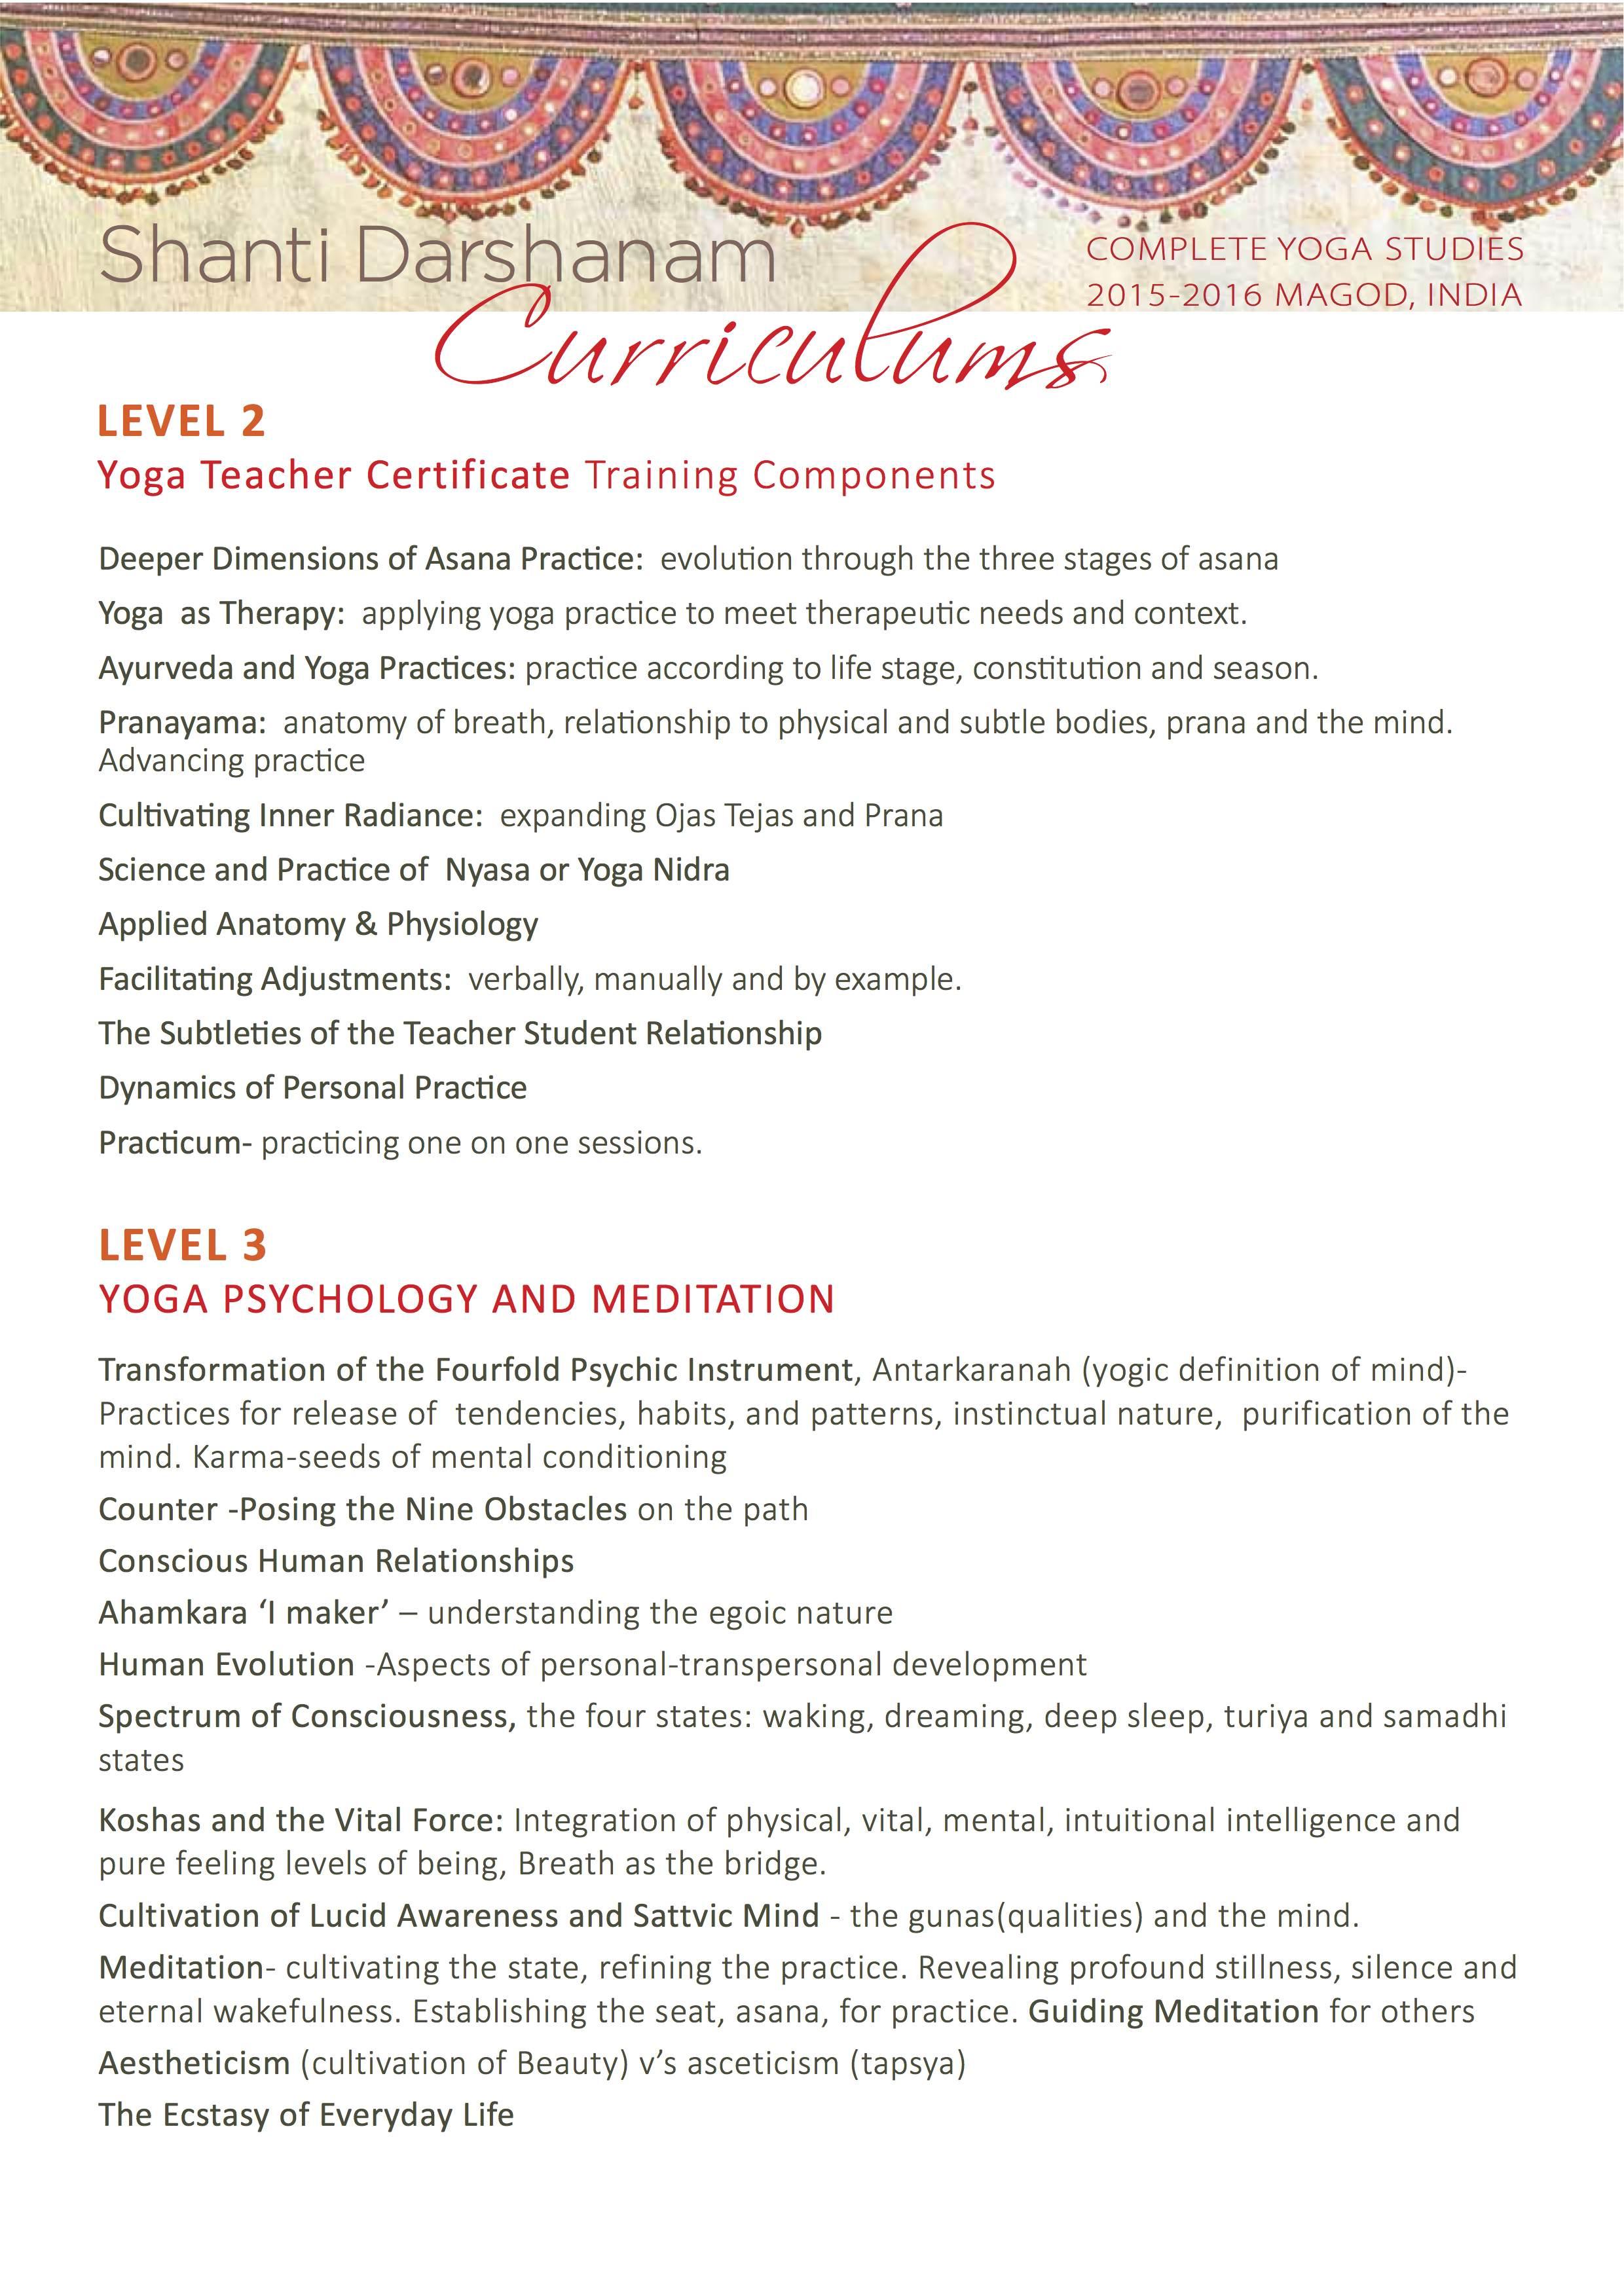 SD Magod-Level 3 Curriculum-2015-16 - Shanti Mandir